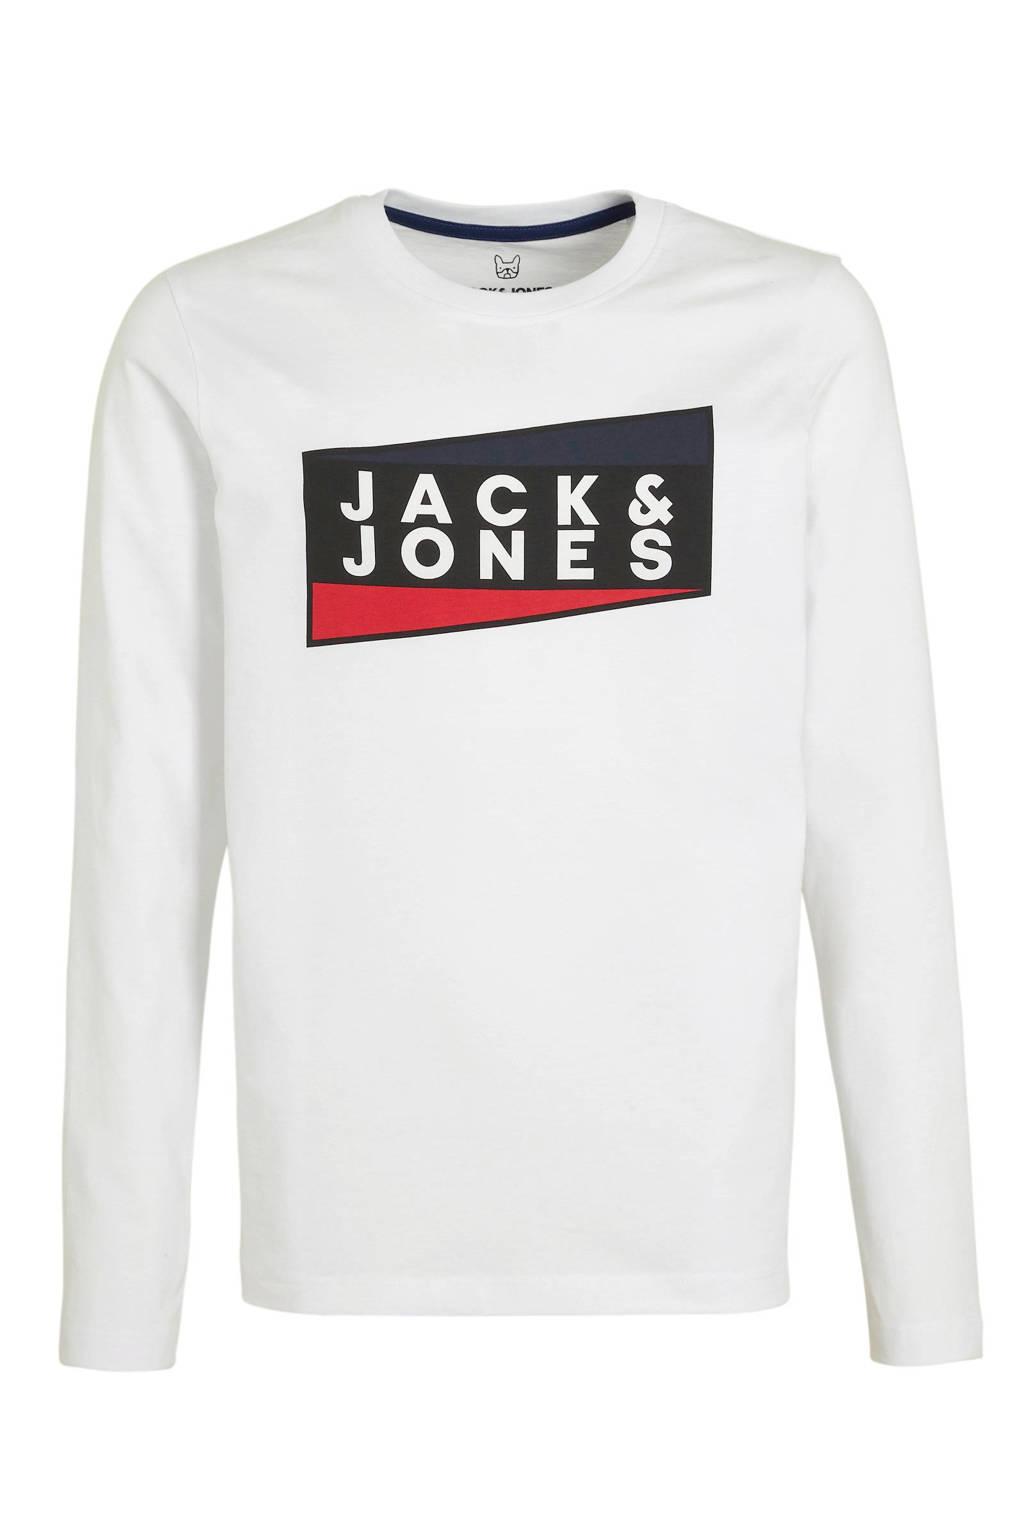 JACK & JONES JUNIOR longsleeve met logo wit/zwart/rood, Wit/zwart/rood